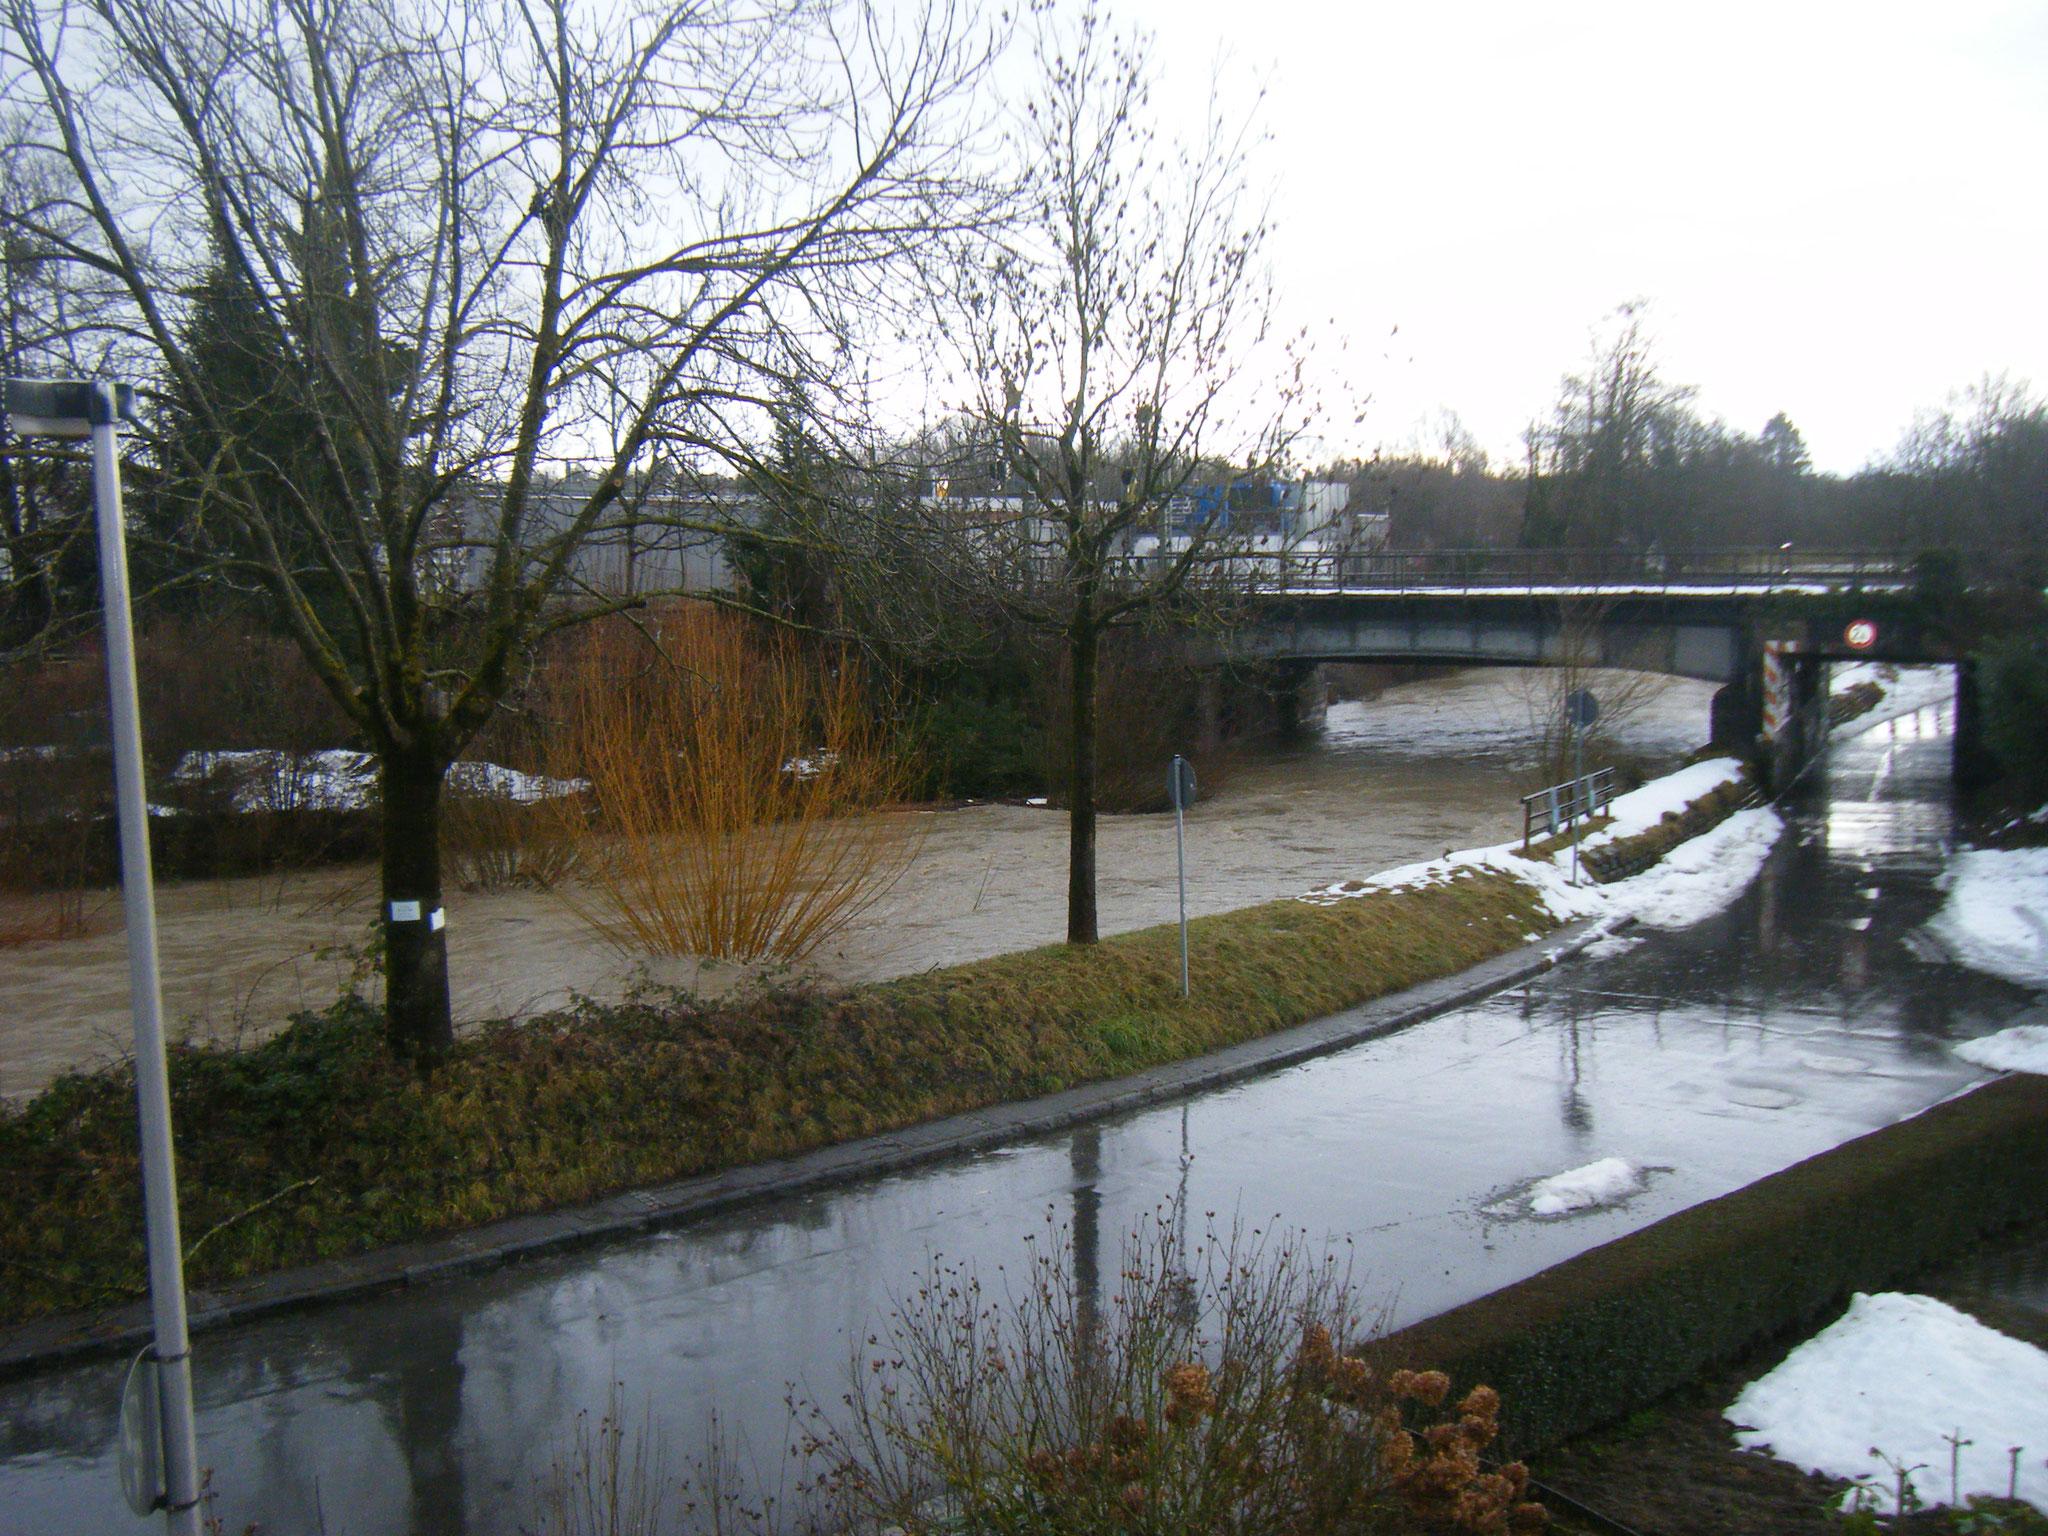 gegen 14 Uhr hat sich links vor der Brücke durch heruntergebrochenes Efeu, ein Weidengebüsch und viel Treibholz eine Barriere gebildet, die den Durchlass der Brücke zusätzlich verengt. Nun kommen auch die Wassermassen des Starkregens am Höchsten an.